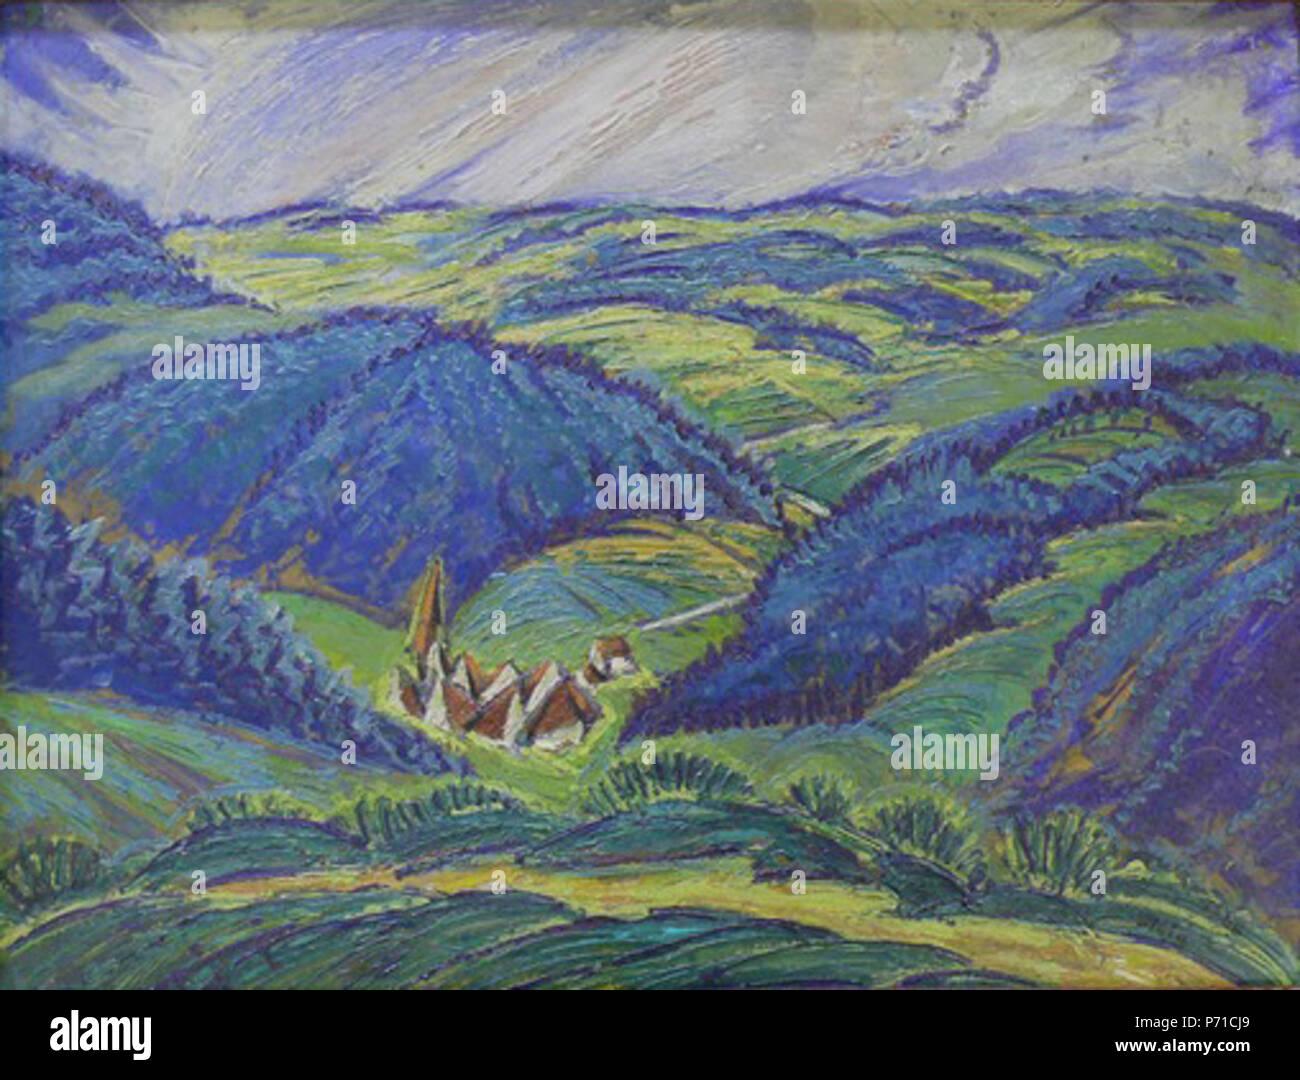 Blick auf Nussbach/Triberg, Öl auf Malkarton; signiert und datiert 1922; 48,5 x 63 cm . 1922226 Waldemar Flaig Blick auf Nussbach Banque D'Images